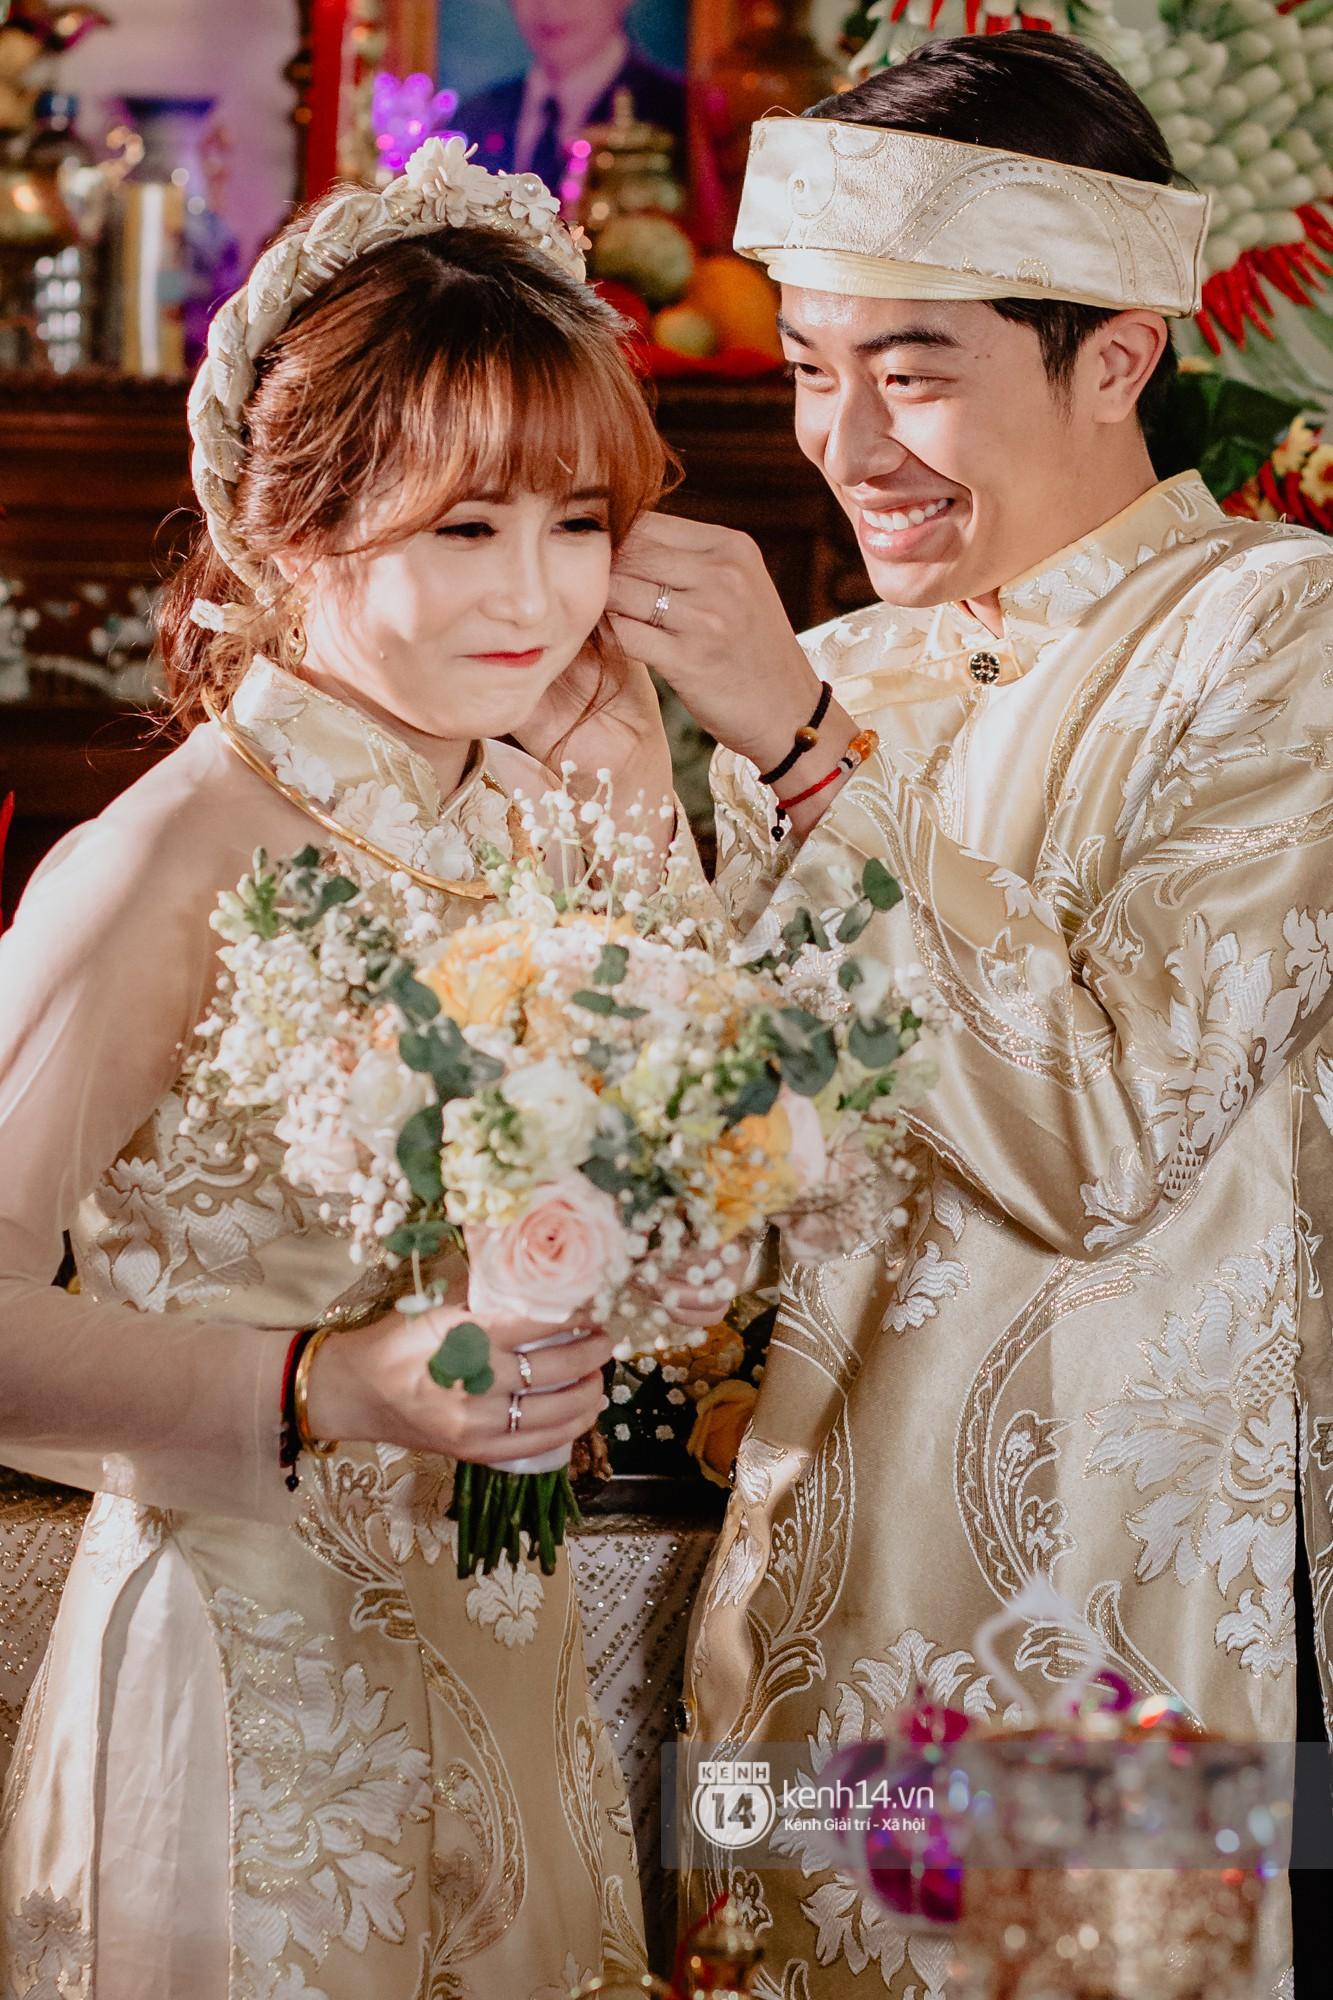 Không hổ danh ông hoàng Youtube Việt: Đám cưới Cris Phan – Mai Quỳnh Anh lọt top 10 tìm kiếm nhiều nhất trên Google tuần qua - Ảnh 3.